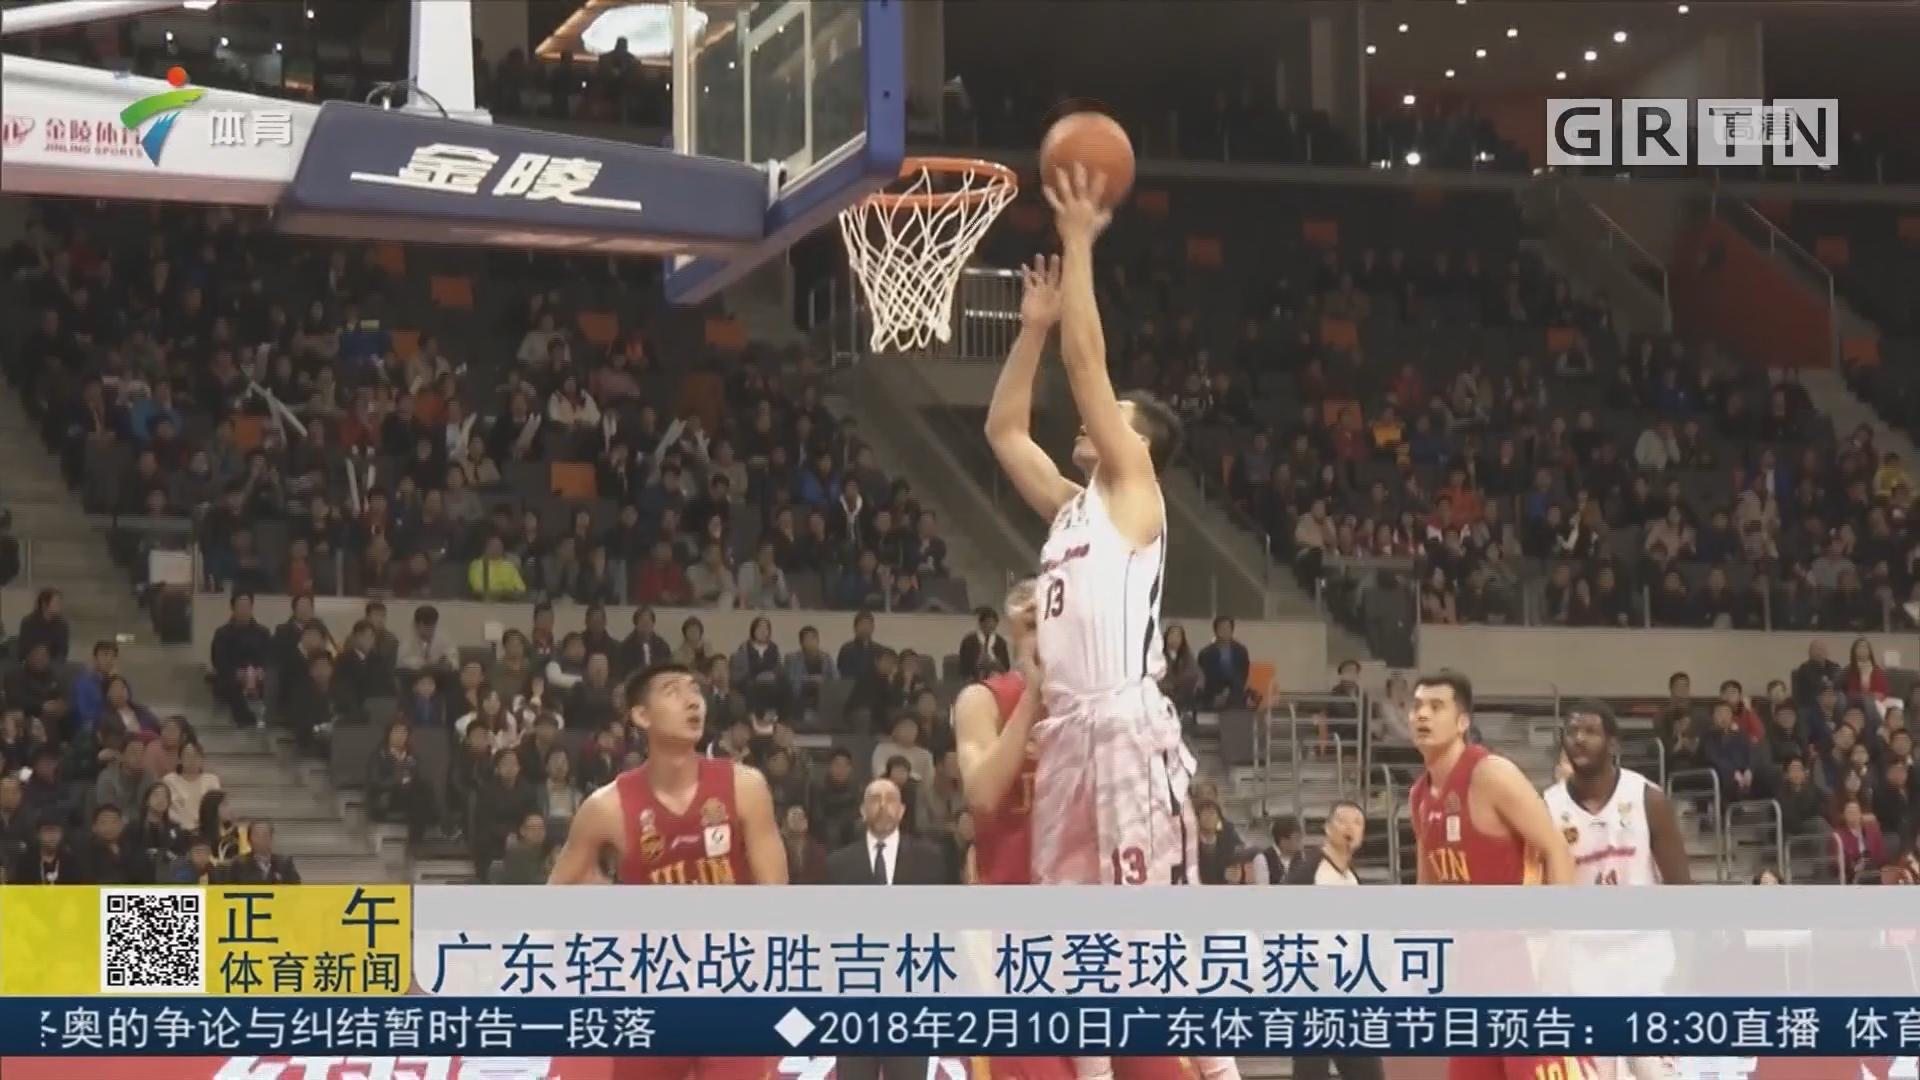 广东轻松战胜吉林 板凳球员获许可